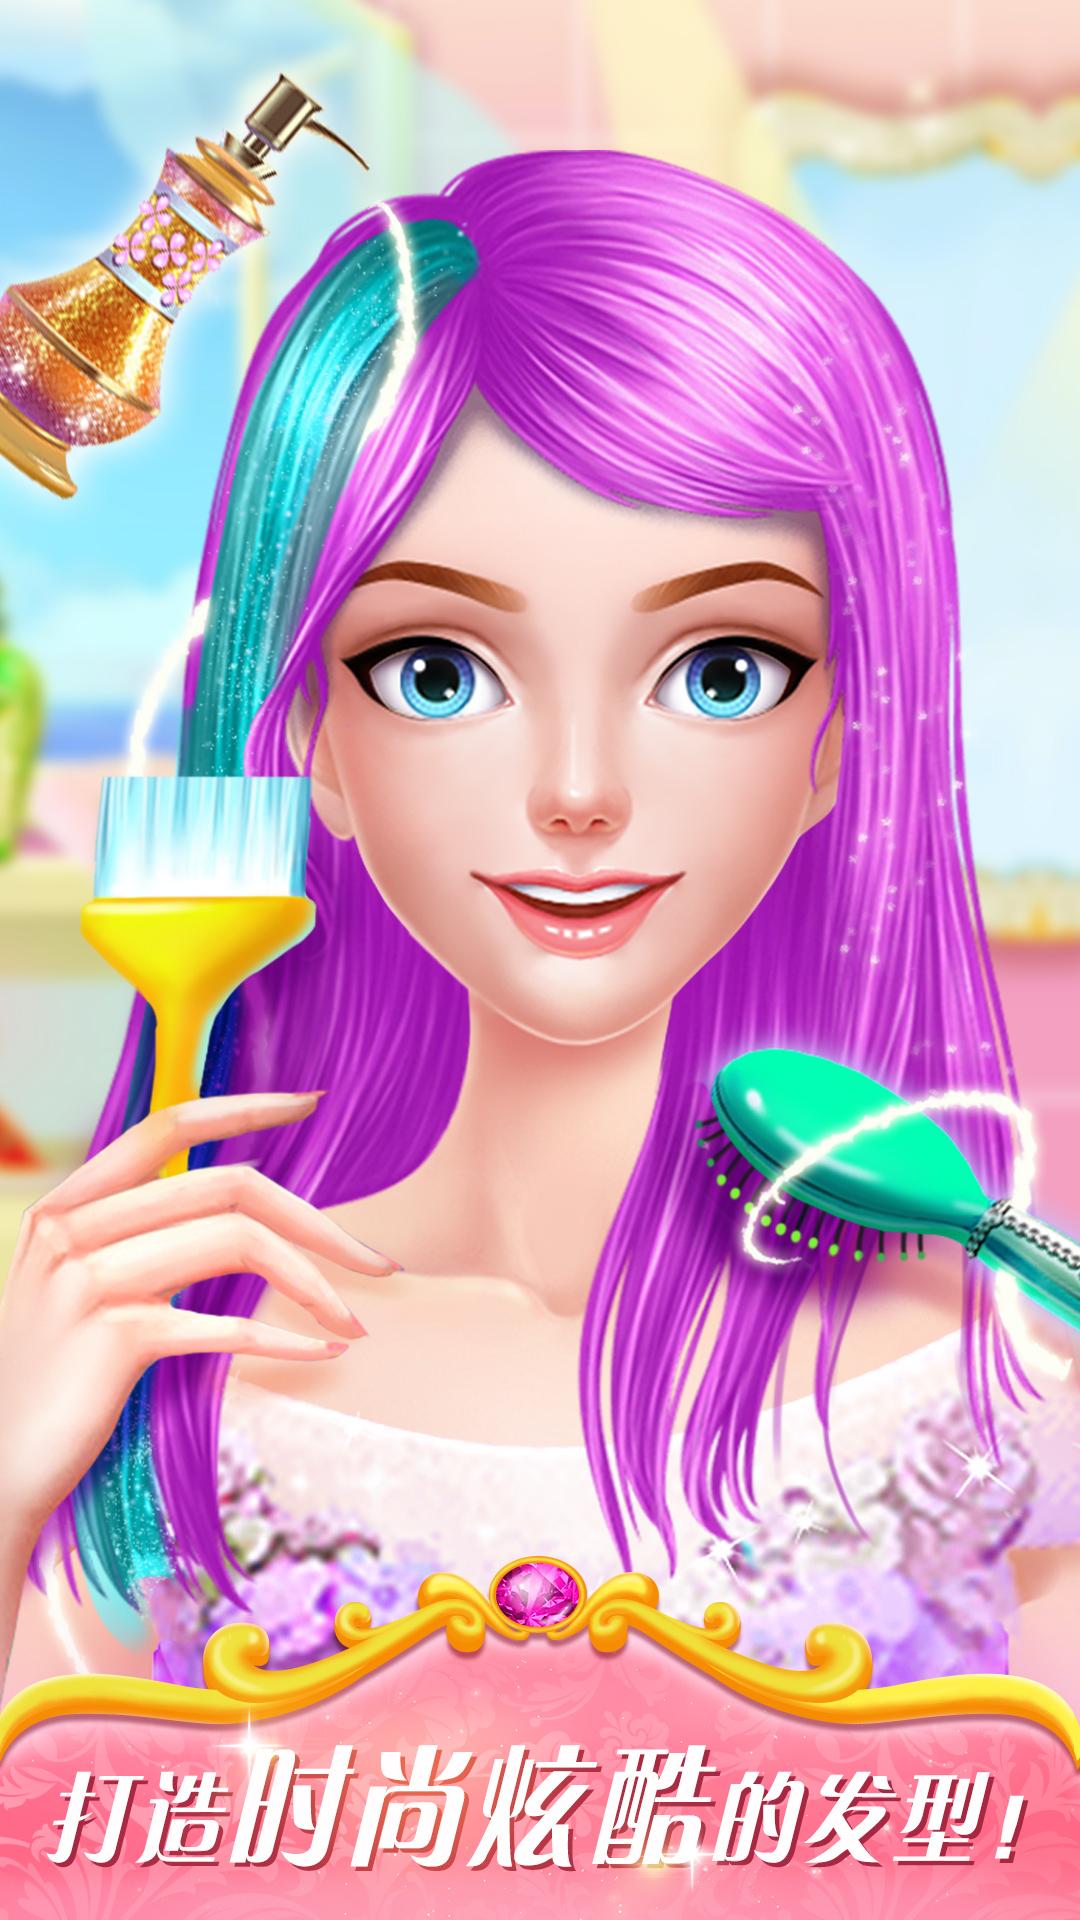 魔法公主美妆秀(长发芭比) APP截图